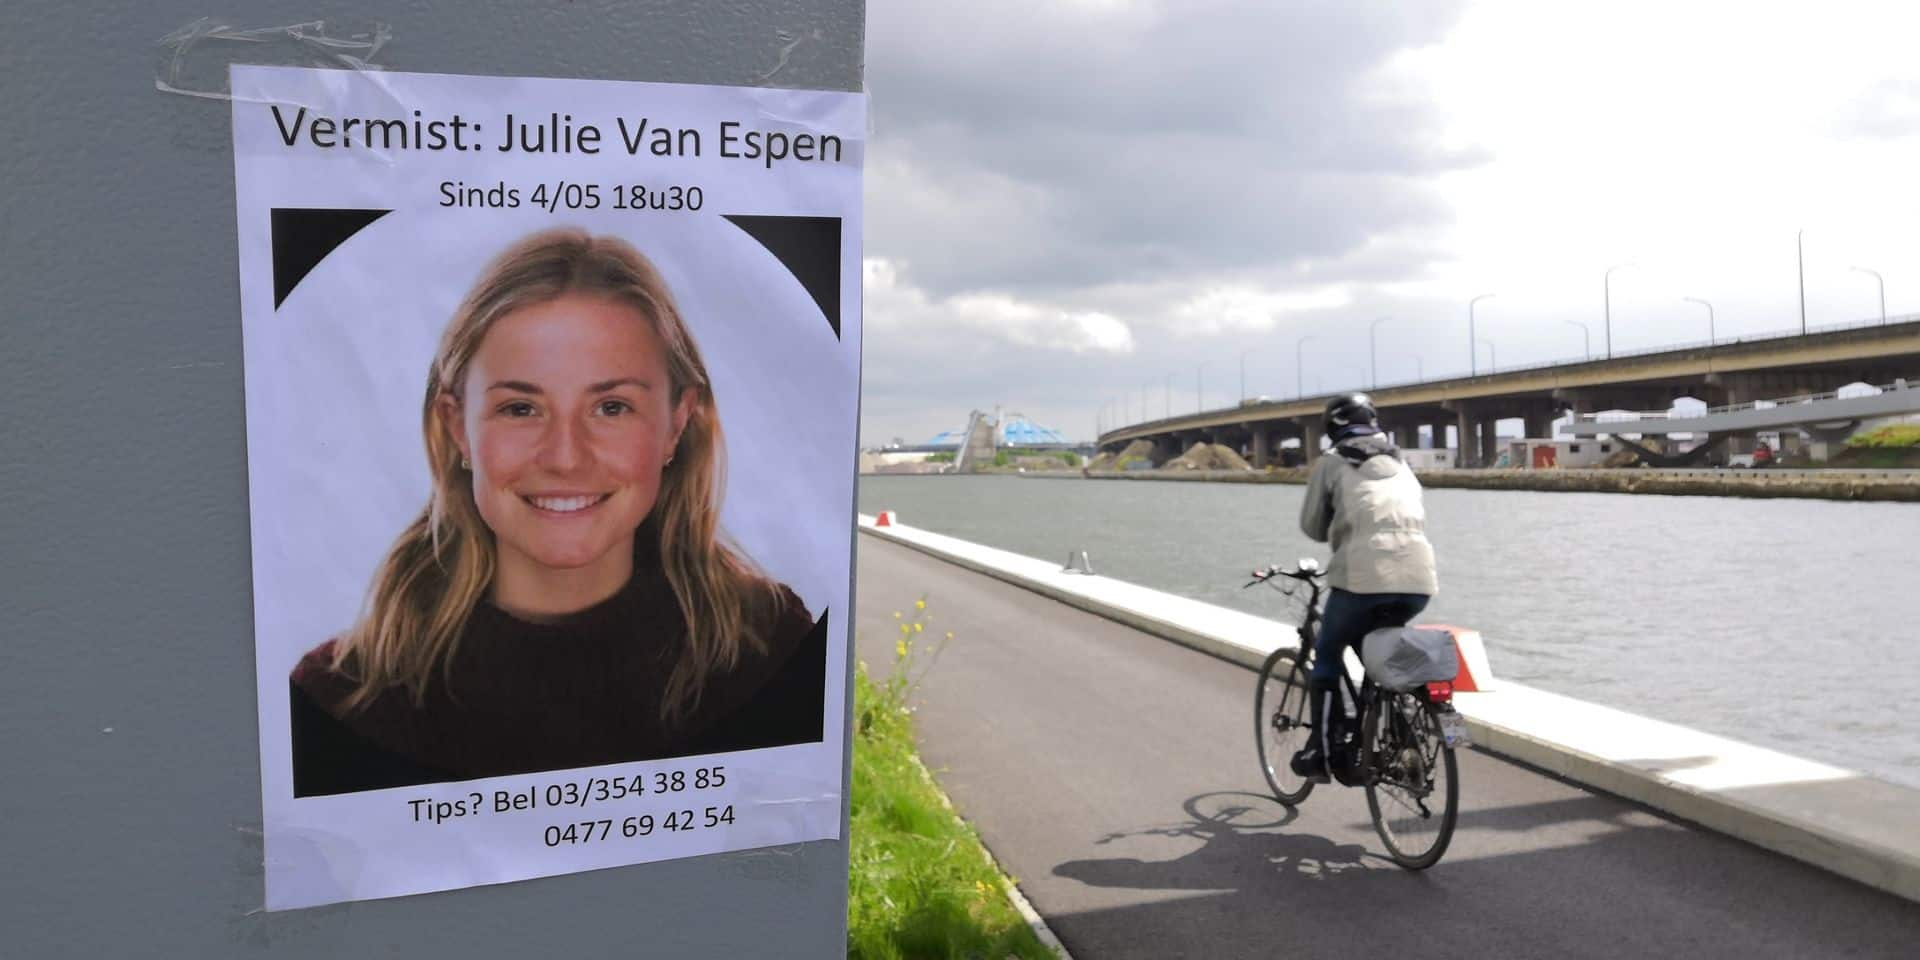 Meurtre de Julie Van Espen: pourquoi l'affaire ne devrait pas être réglée au tribunal avant 2022